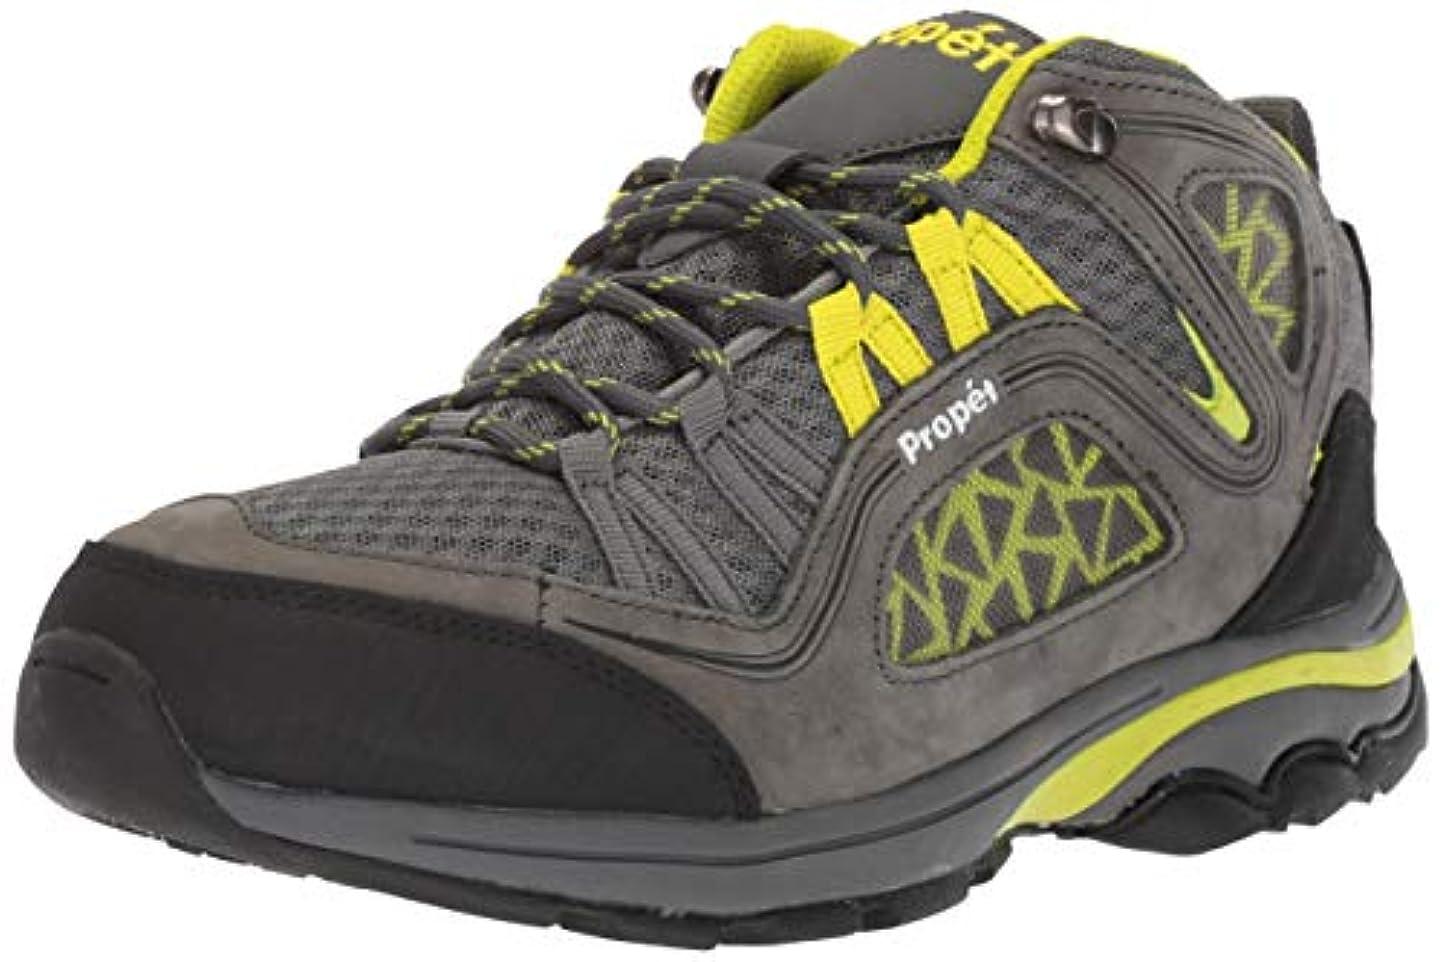 懐デコラティブ露出度の高い[Propet] Women's Peak Dark Grey/Lime Mid-Top Hiking Shoe - 9M